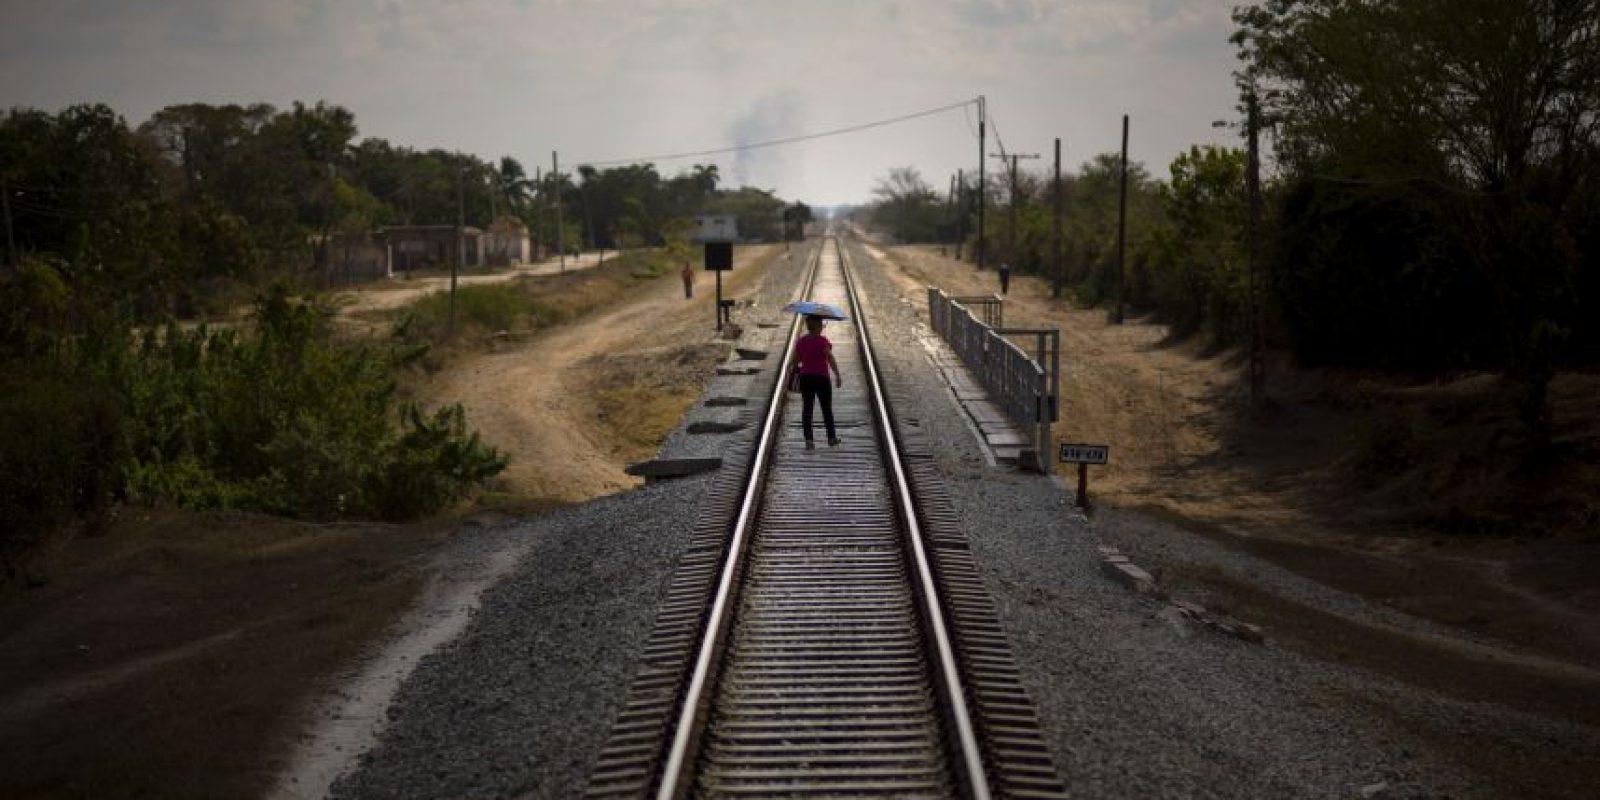 n esta fotografía del 23 de marzo de 2015, una mujer que se acaba de bajar del tren usa las vías para cruzar un puente tras llegar a su destino en la provincia de Holguín, Cuba. El país se convirtió en el primero de Latinoamérica en tener un sistema ferroviario a mediados del siglo XIX cuando la España colonial comenzó a conectar La Habana con las regiones azucareras afuera de la capital. La red creció a 9.000 kilómetros (5.600 millas) de vías que recorrían la isla hasta que paulatinamente el sistema quedara en mal estado. En la actualidad, el embargo comercial estadounidense dificulta obtener refacciones. Foto:AP Photo/ Ramón Espionsa